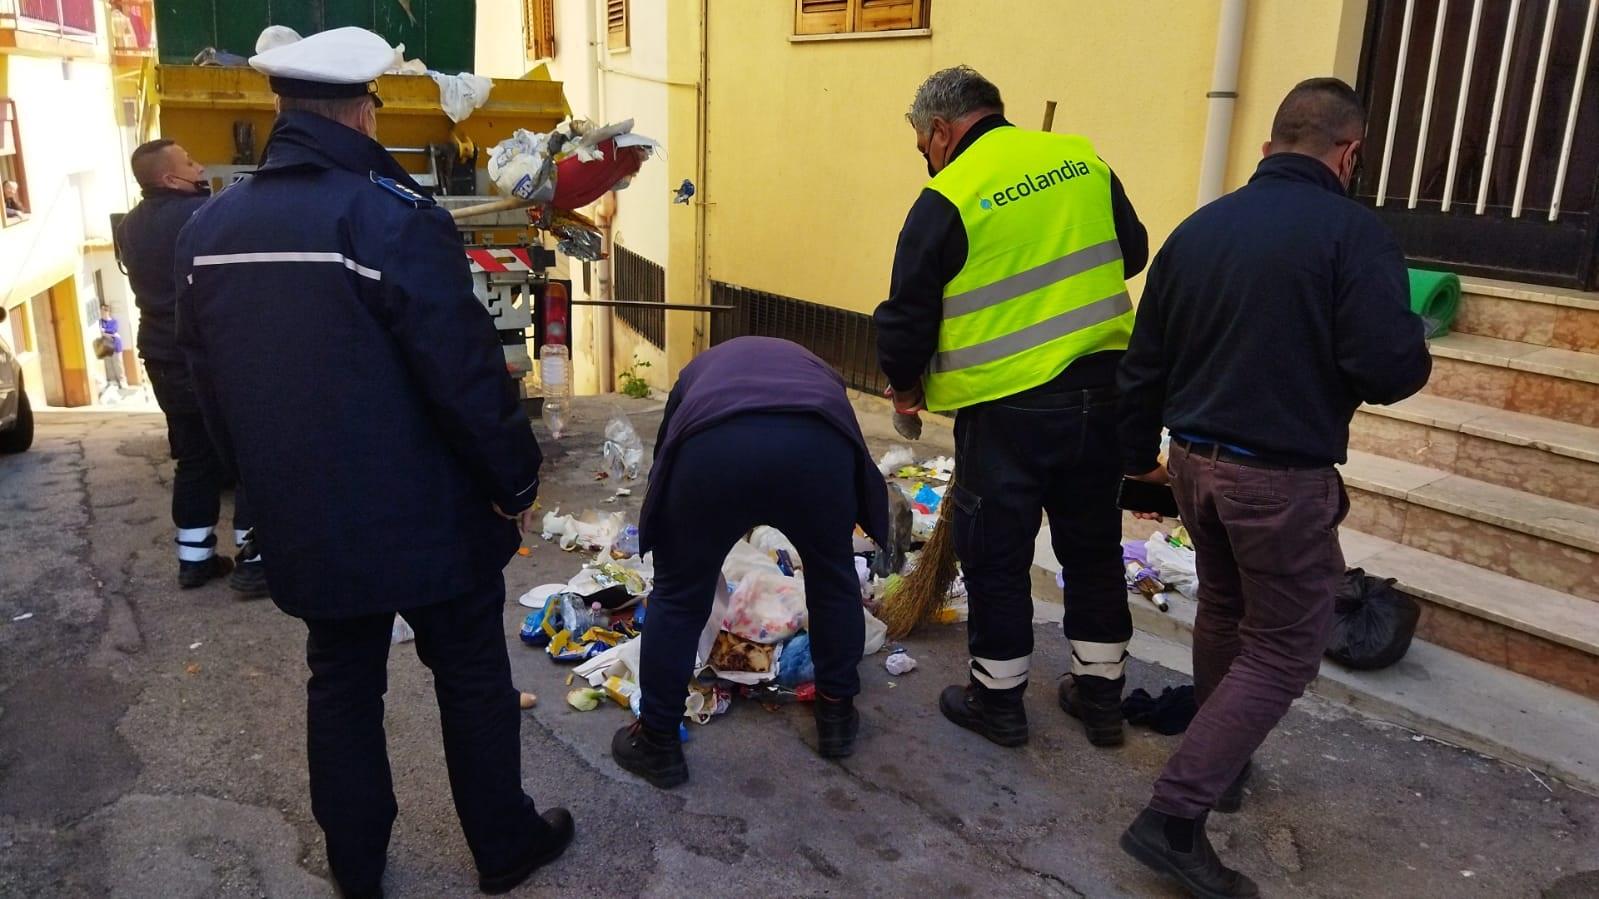 Abbandonano rifiuti non differenziati: rintracciati e multati in sei a Monreale